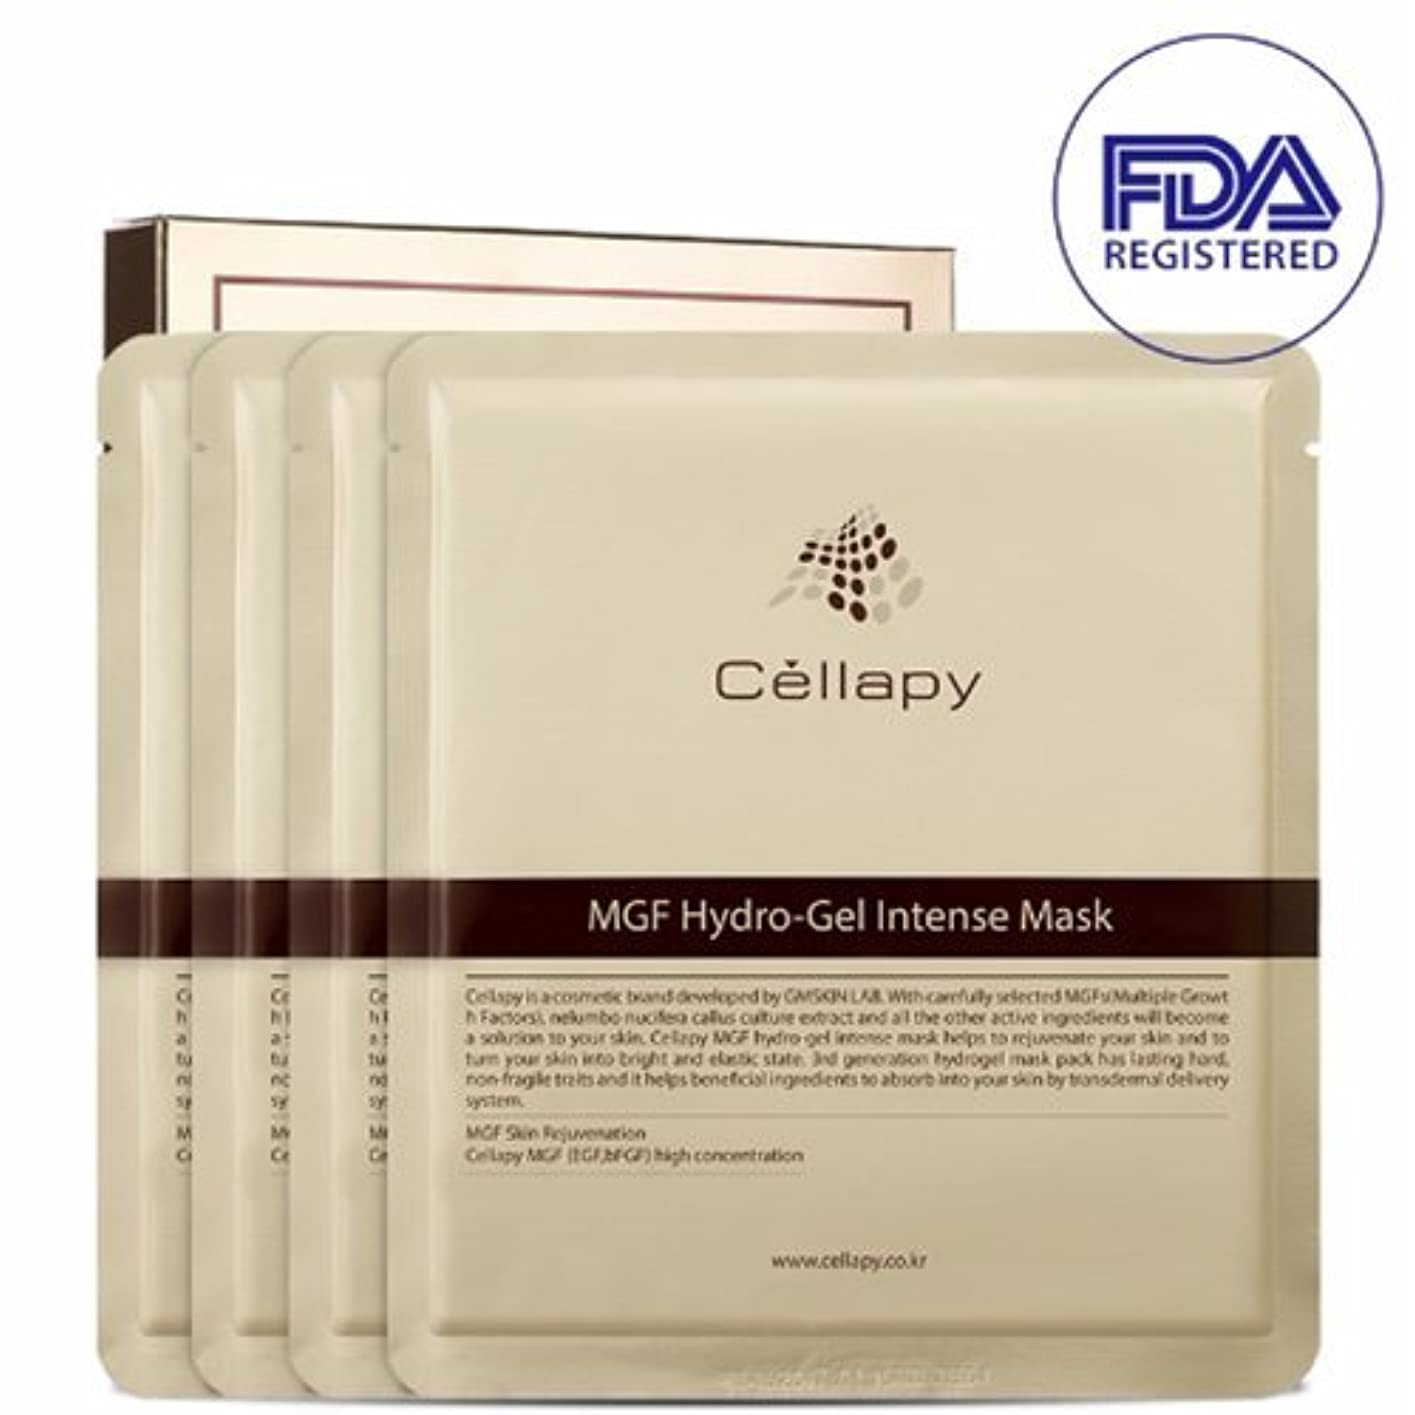 カラス操作宗教的なセルラピ MGFハイドロゲルインテンスマスクシート25g*4枚セット[並行輸入品] / Cellapy MGF Hydro-Gel Intense Mask Sheet 25g 4pcs Set for Irritable...